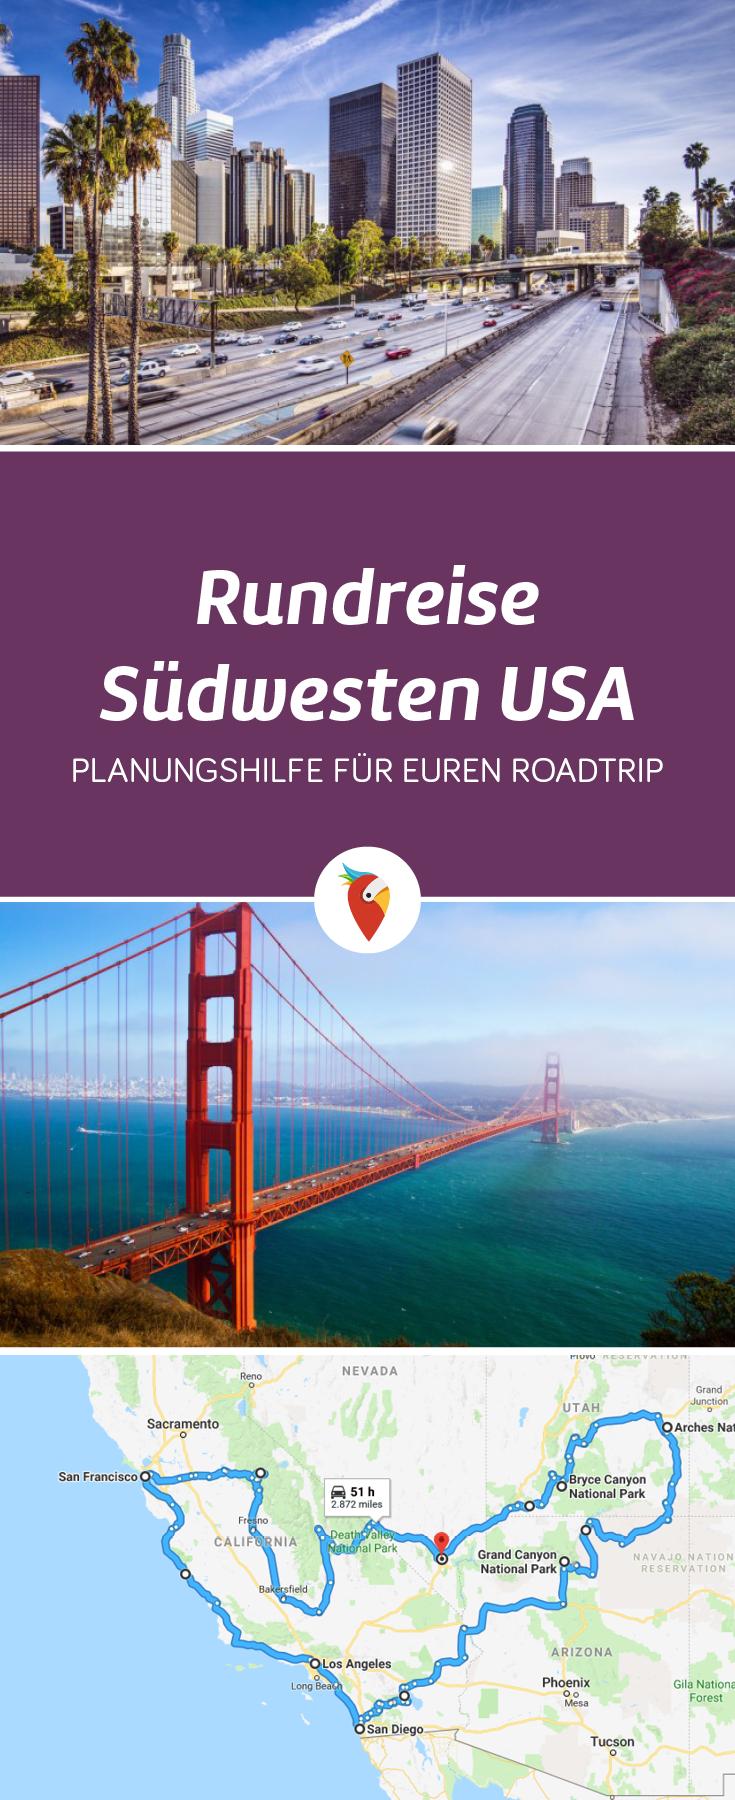 Rundreise Westküste - Der klassische Roadtrip durch den Südwesten der USA